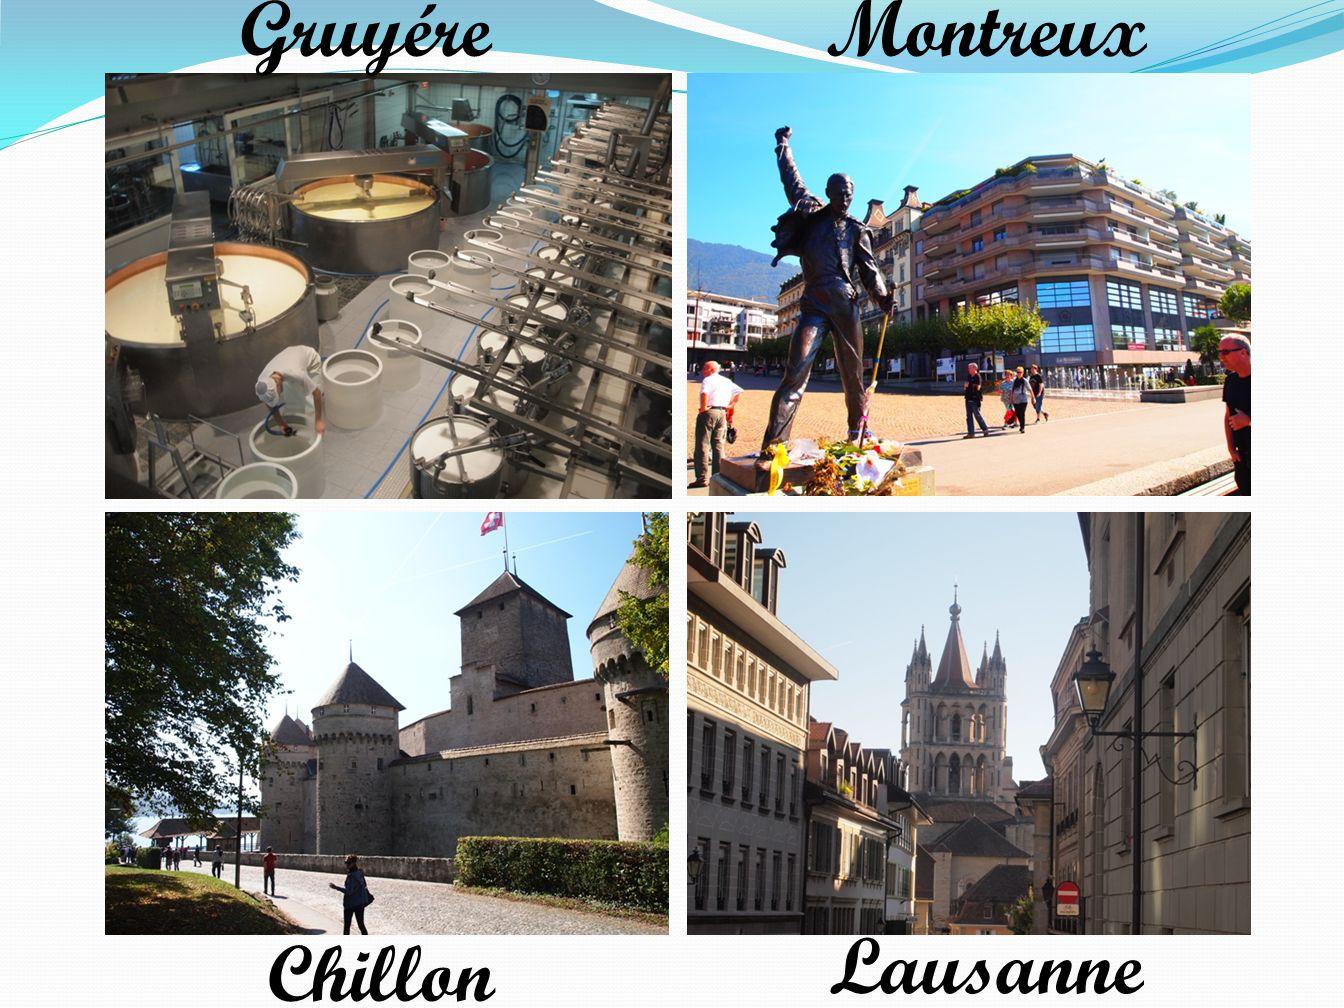 Gruyére Montreux Lausanne Chillon